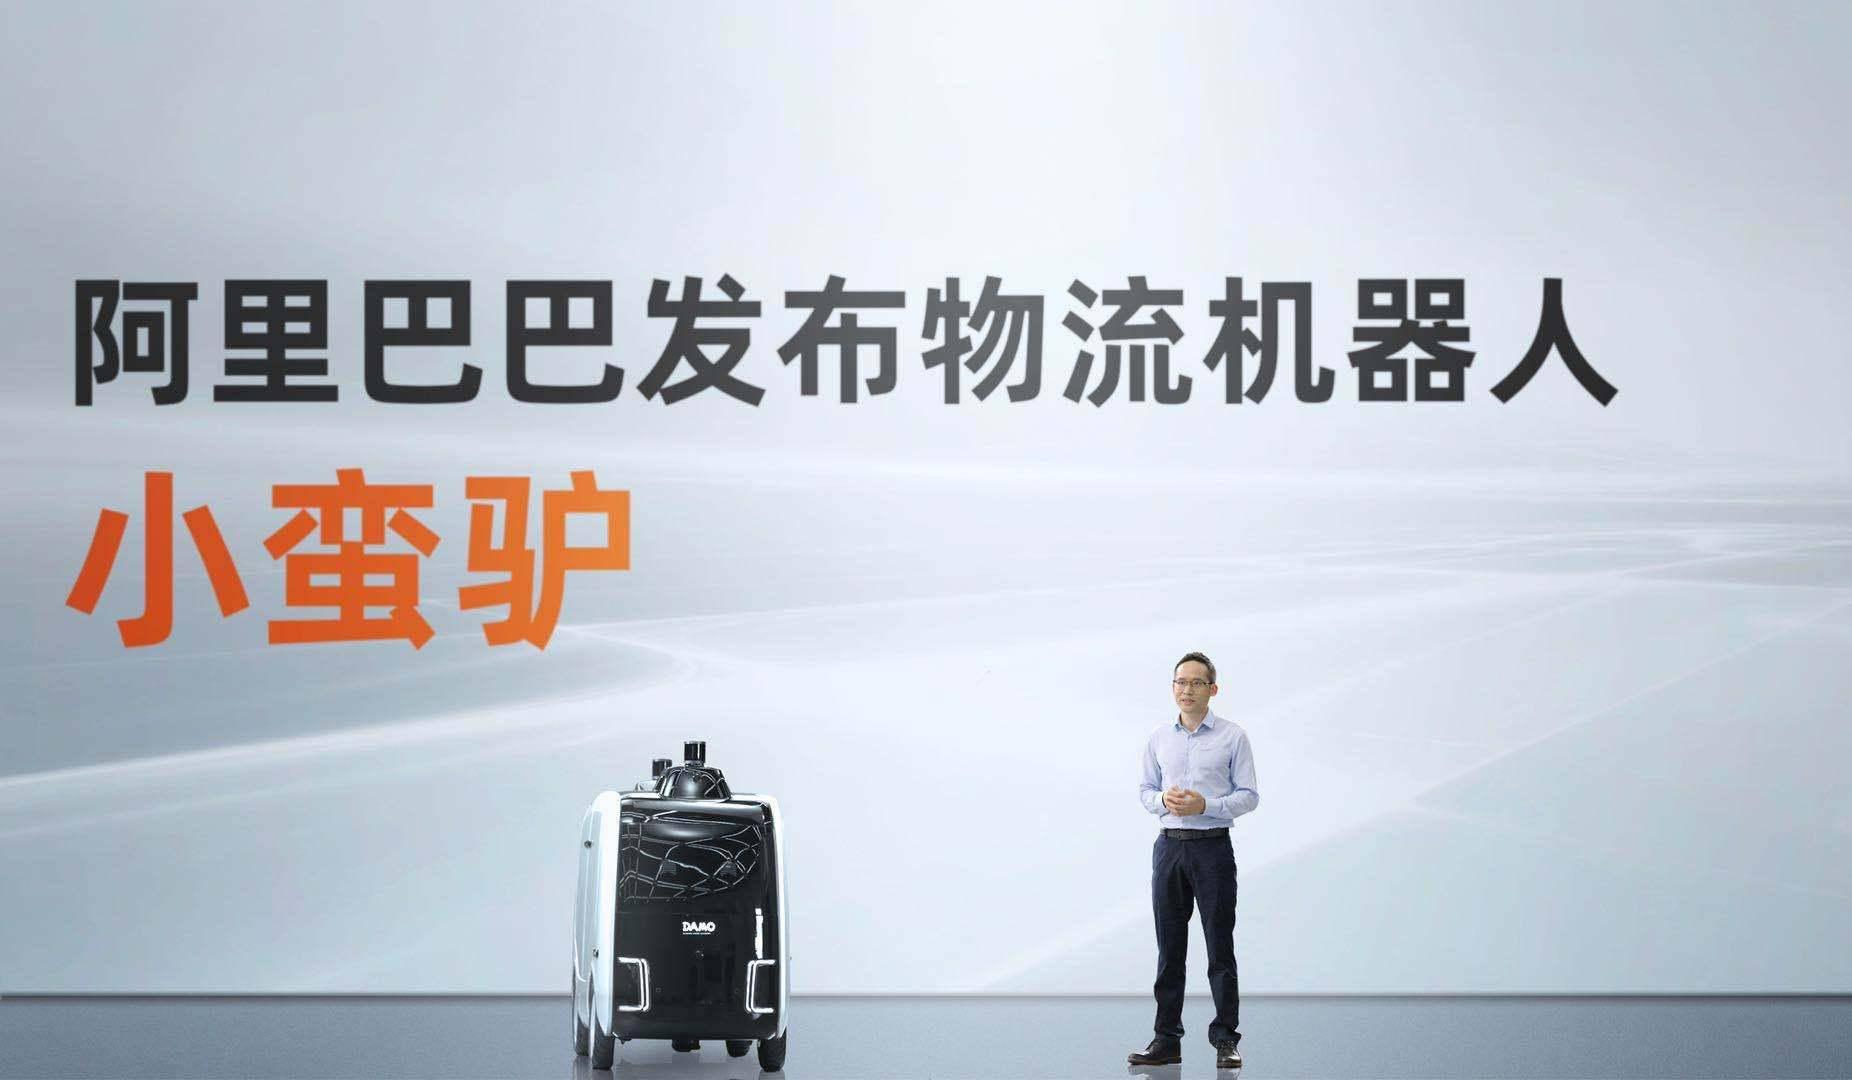 """阿里发布首款物流机器人""""小蛮驴"""",正式进军机器人赛道"""